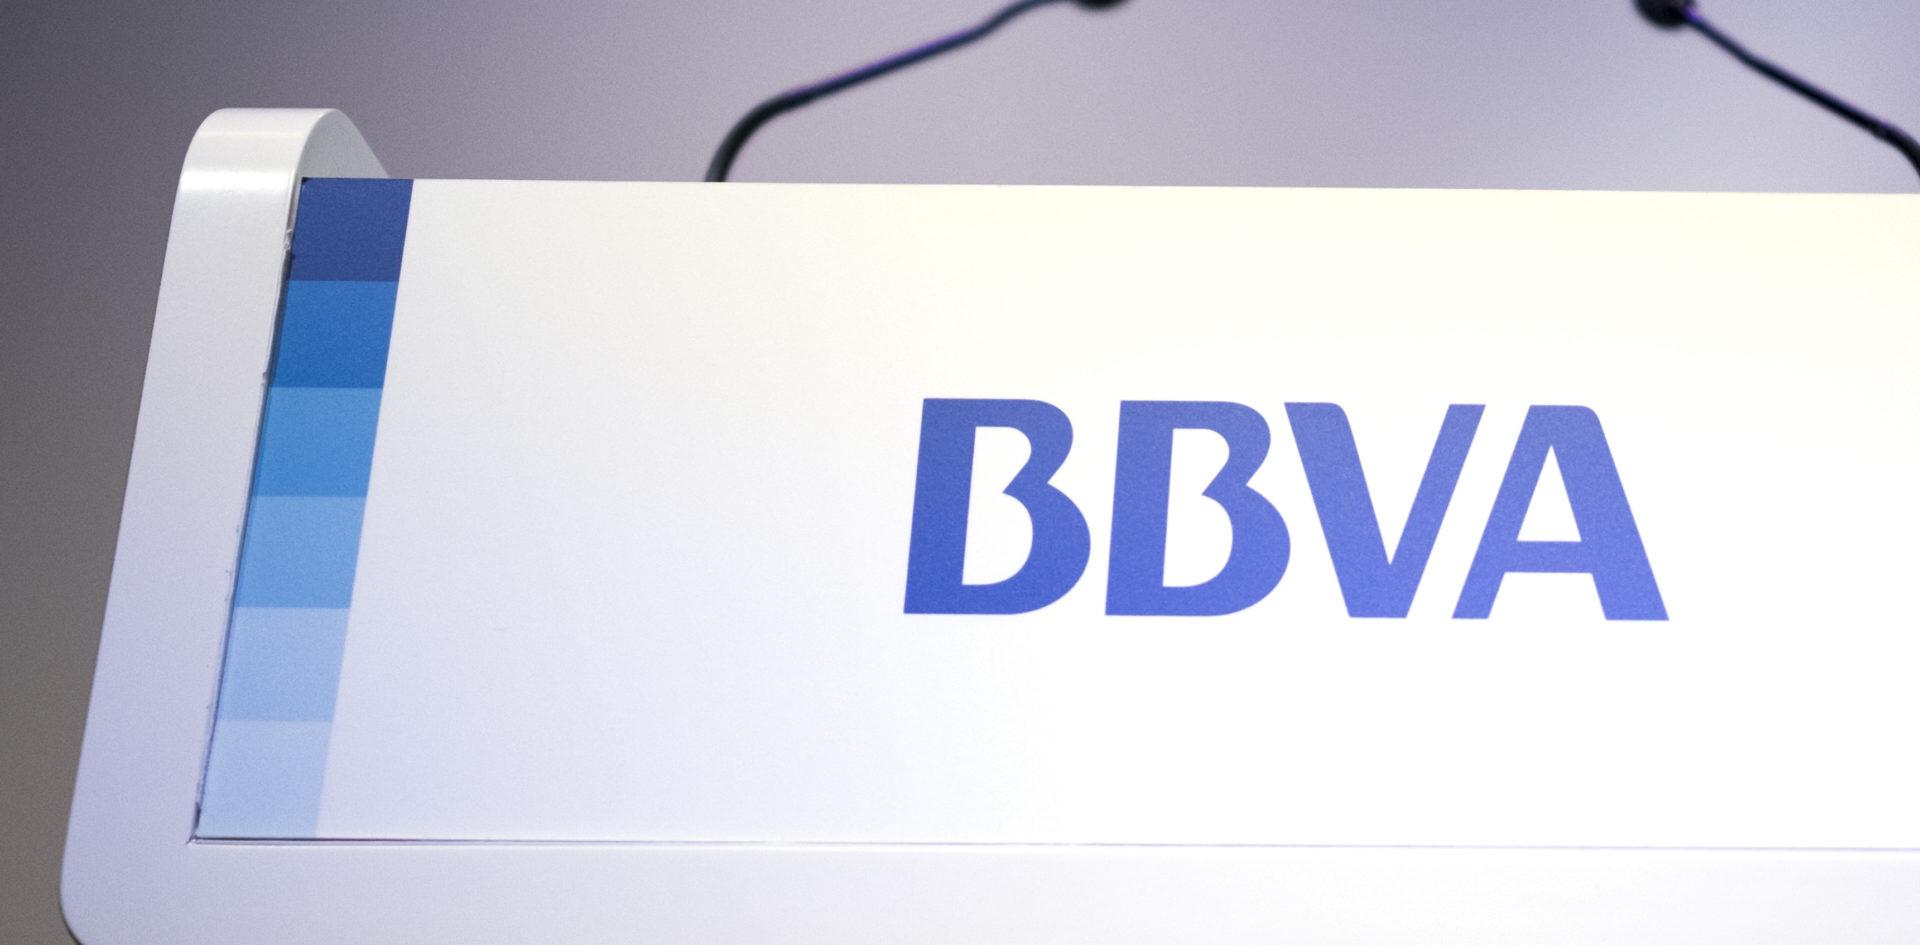 Fotografía BBVA logotipo corporativo micrófonos atril discurso presentación información